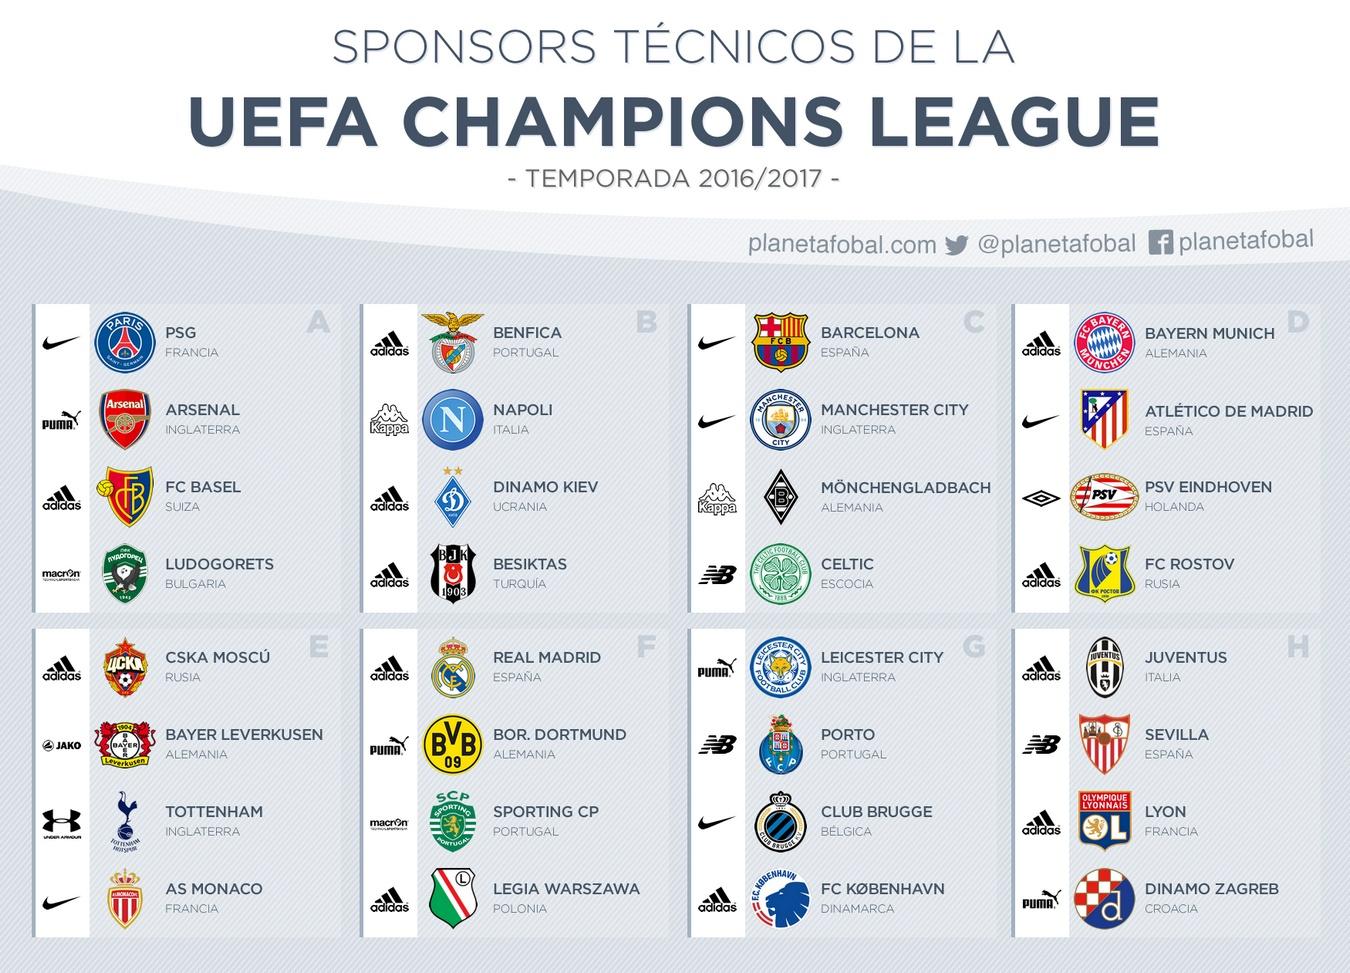 Los sponsors de la UEFA Champions League 2016/2017